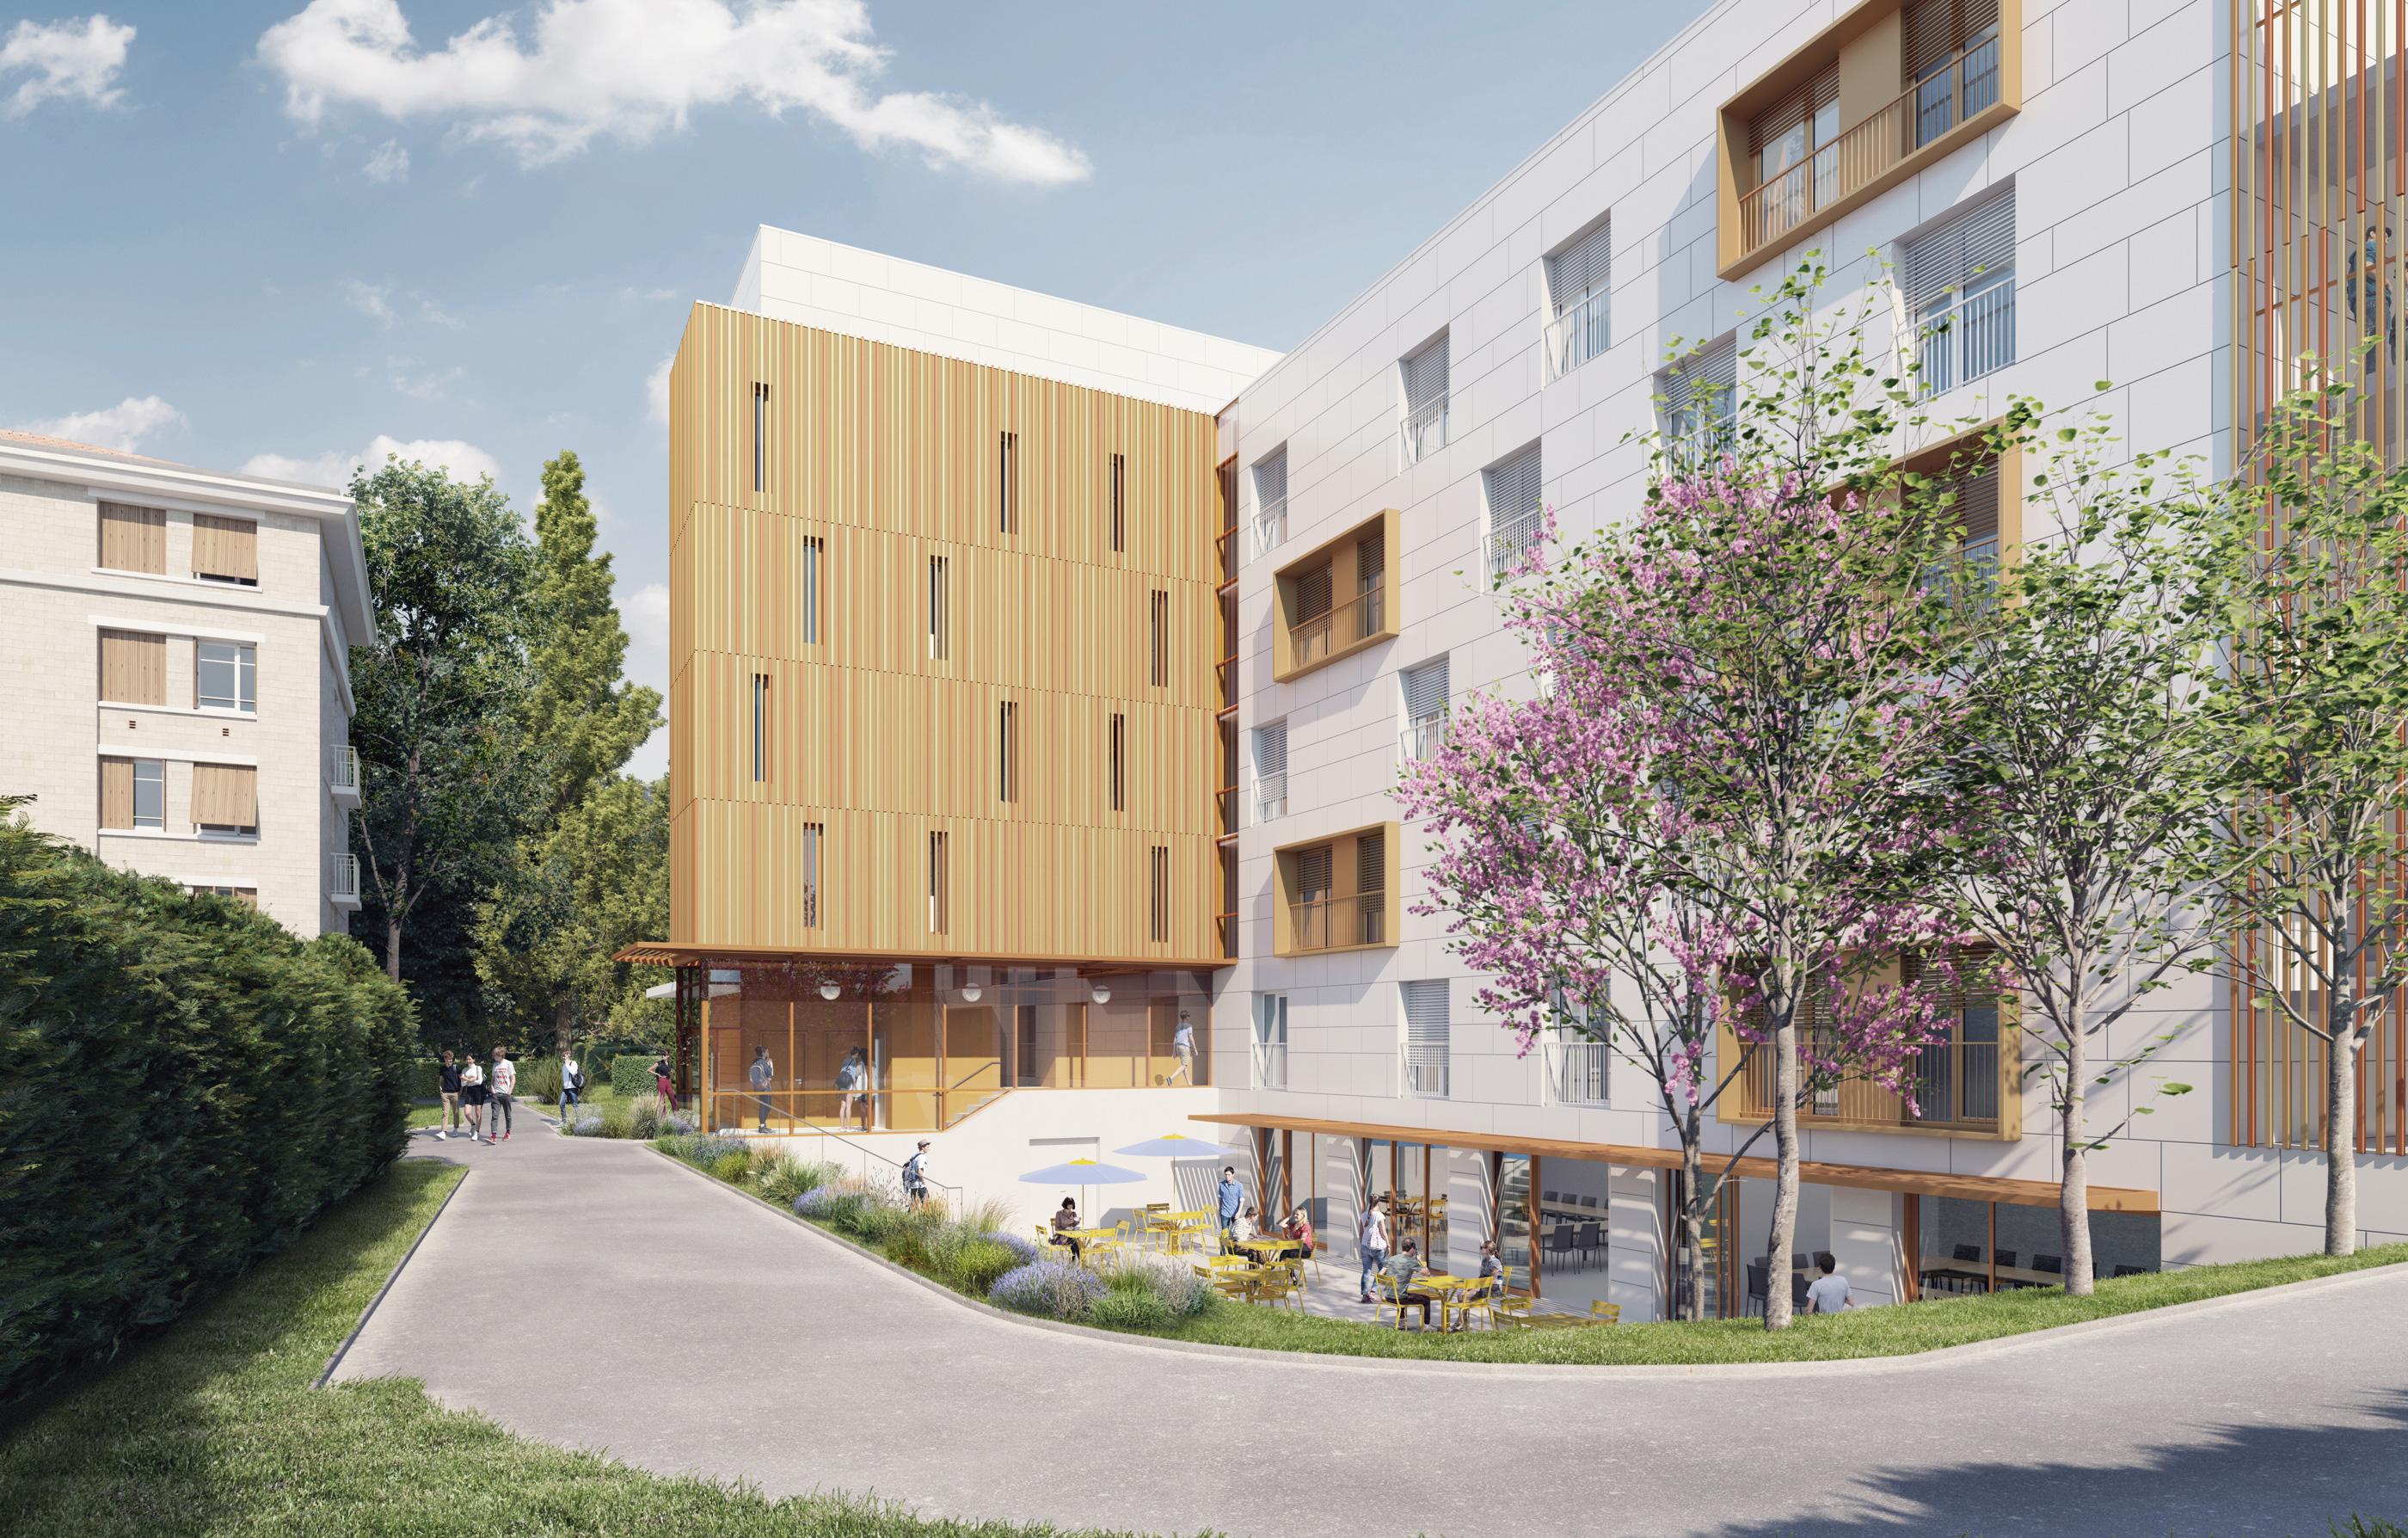 hellin sebbag architecte - concours crous montpellier - résidence - étudiante - image 3D - render - archiviz - image de synthèse